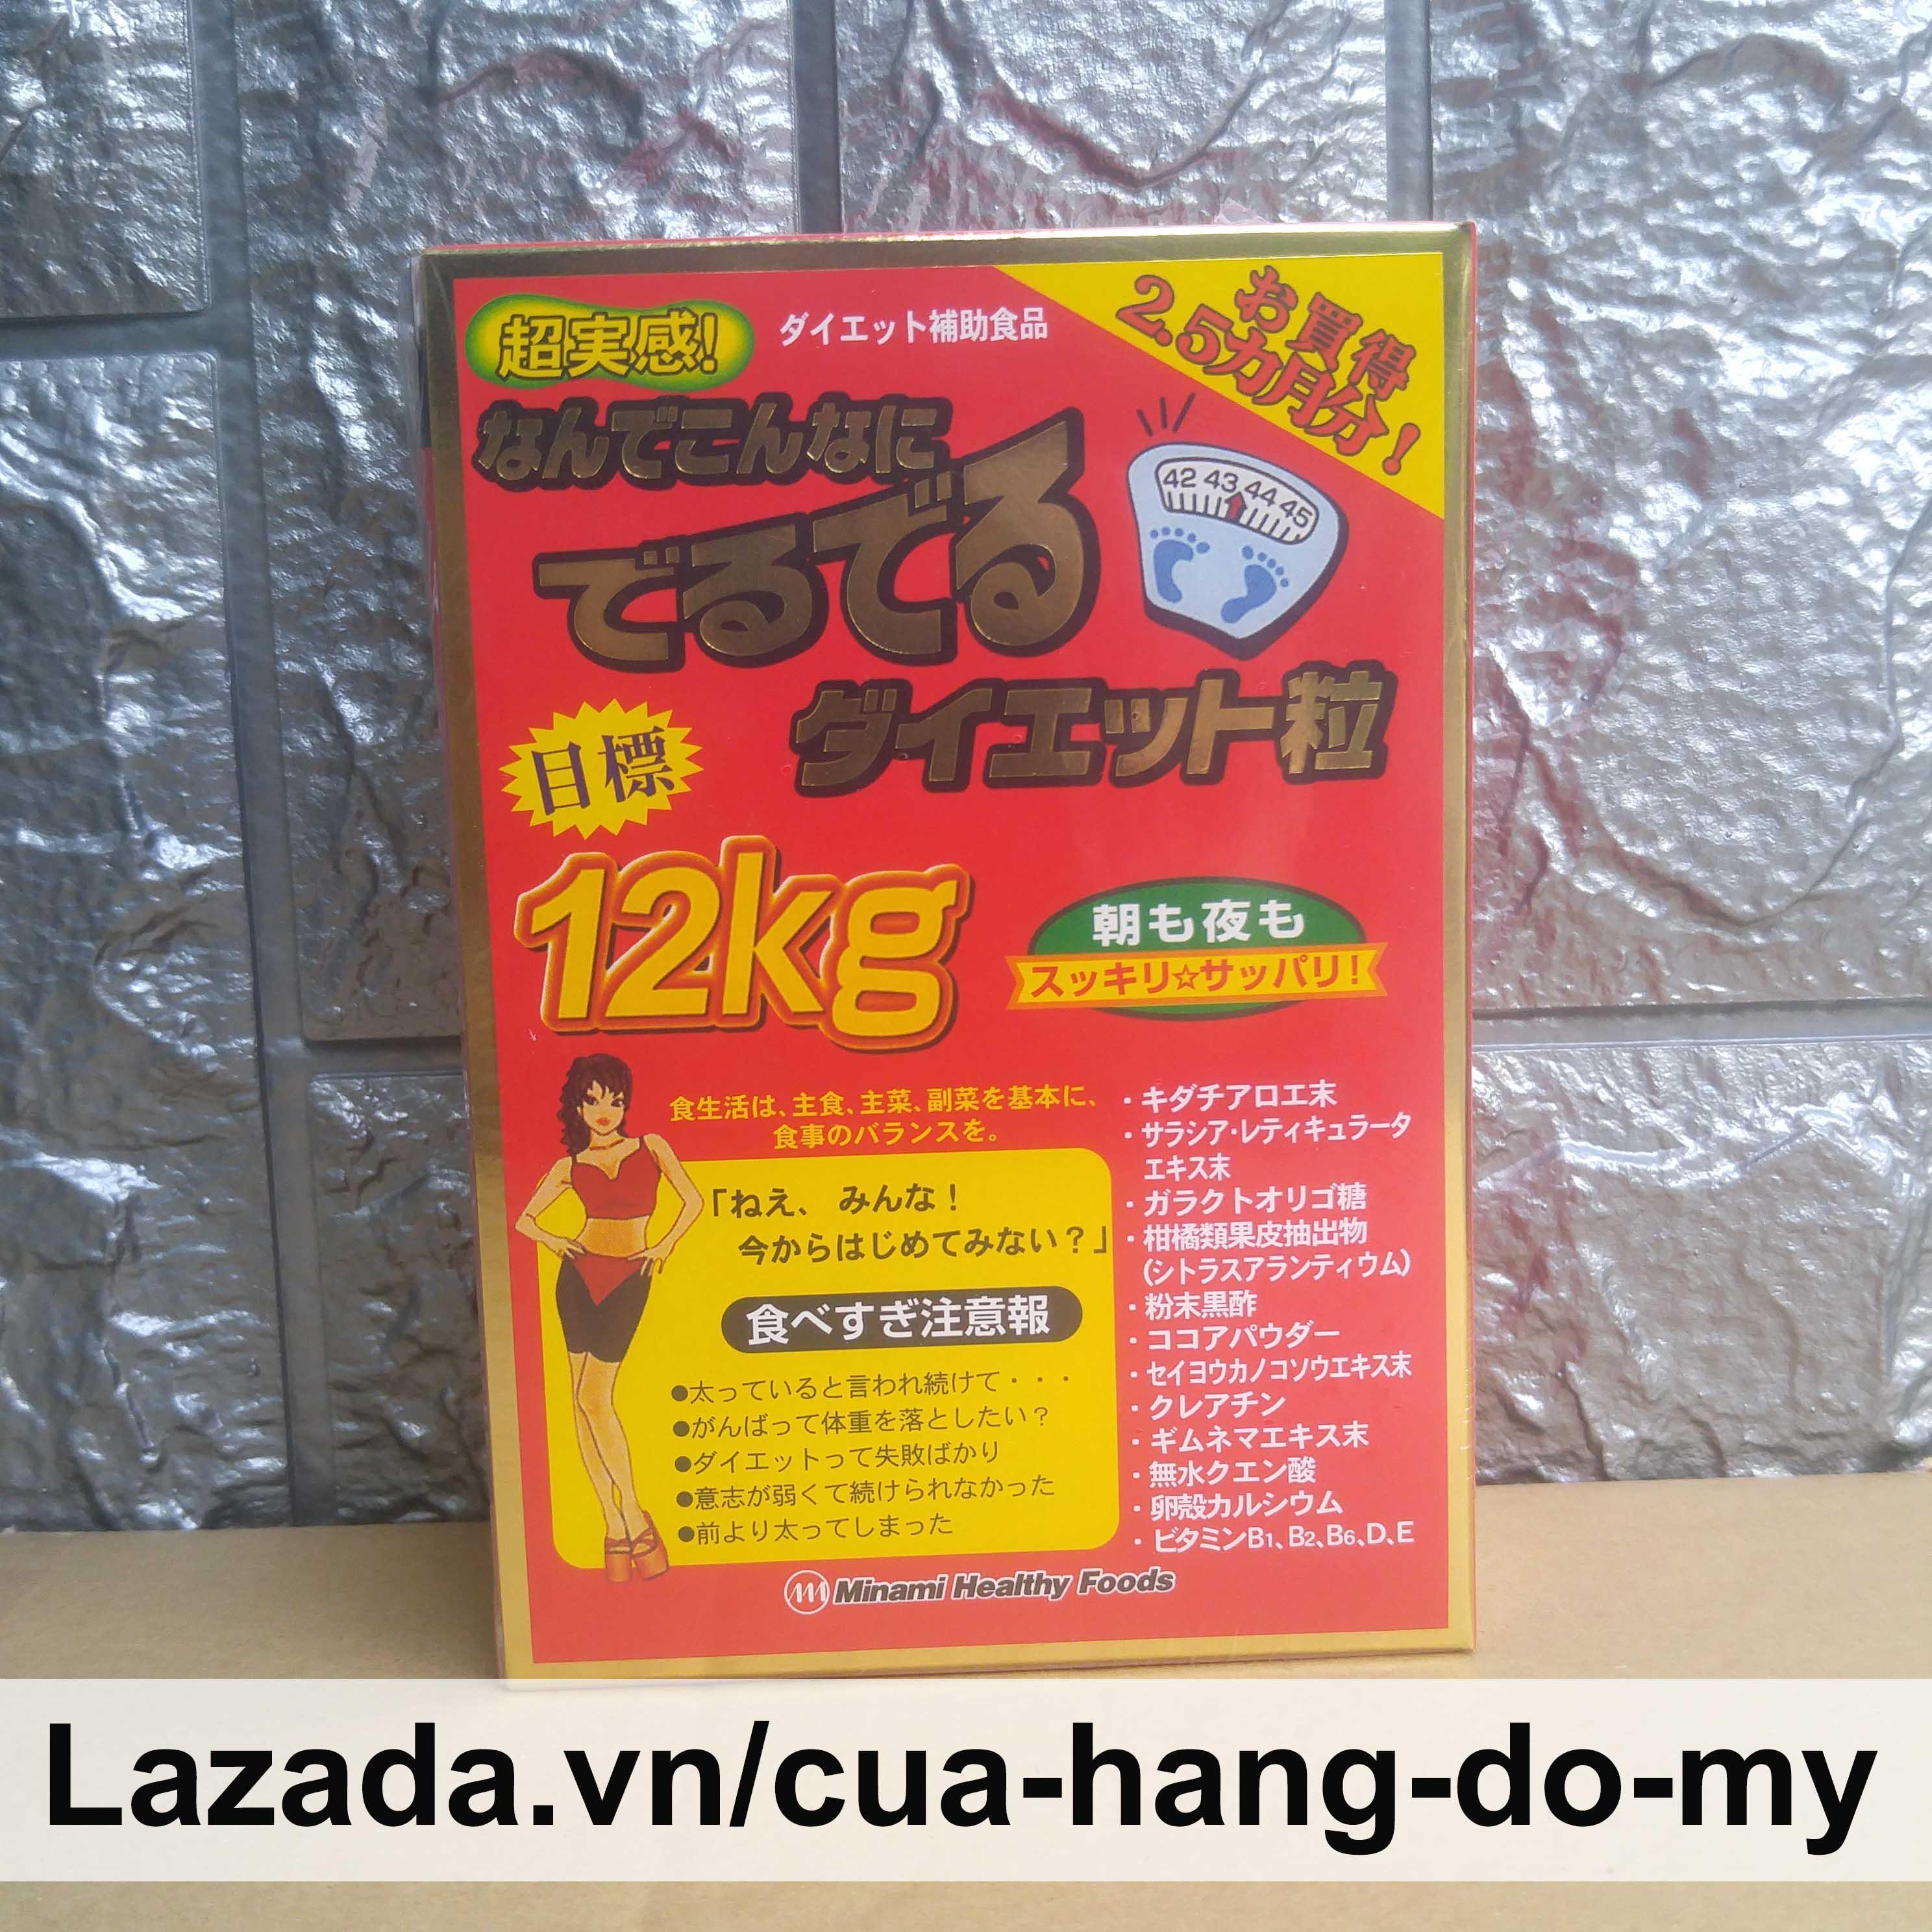 Viên Hỗ Trợ Giảm Cân 12kg Minami Healthy Foods Của Nhật 75 gói - 450 viên 75 ngày dùng nhập khẩu